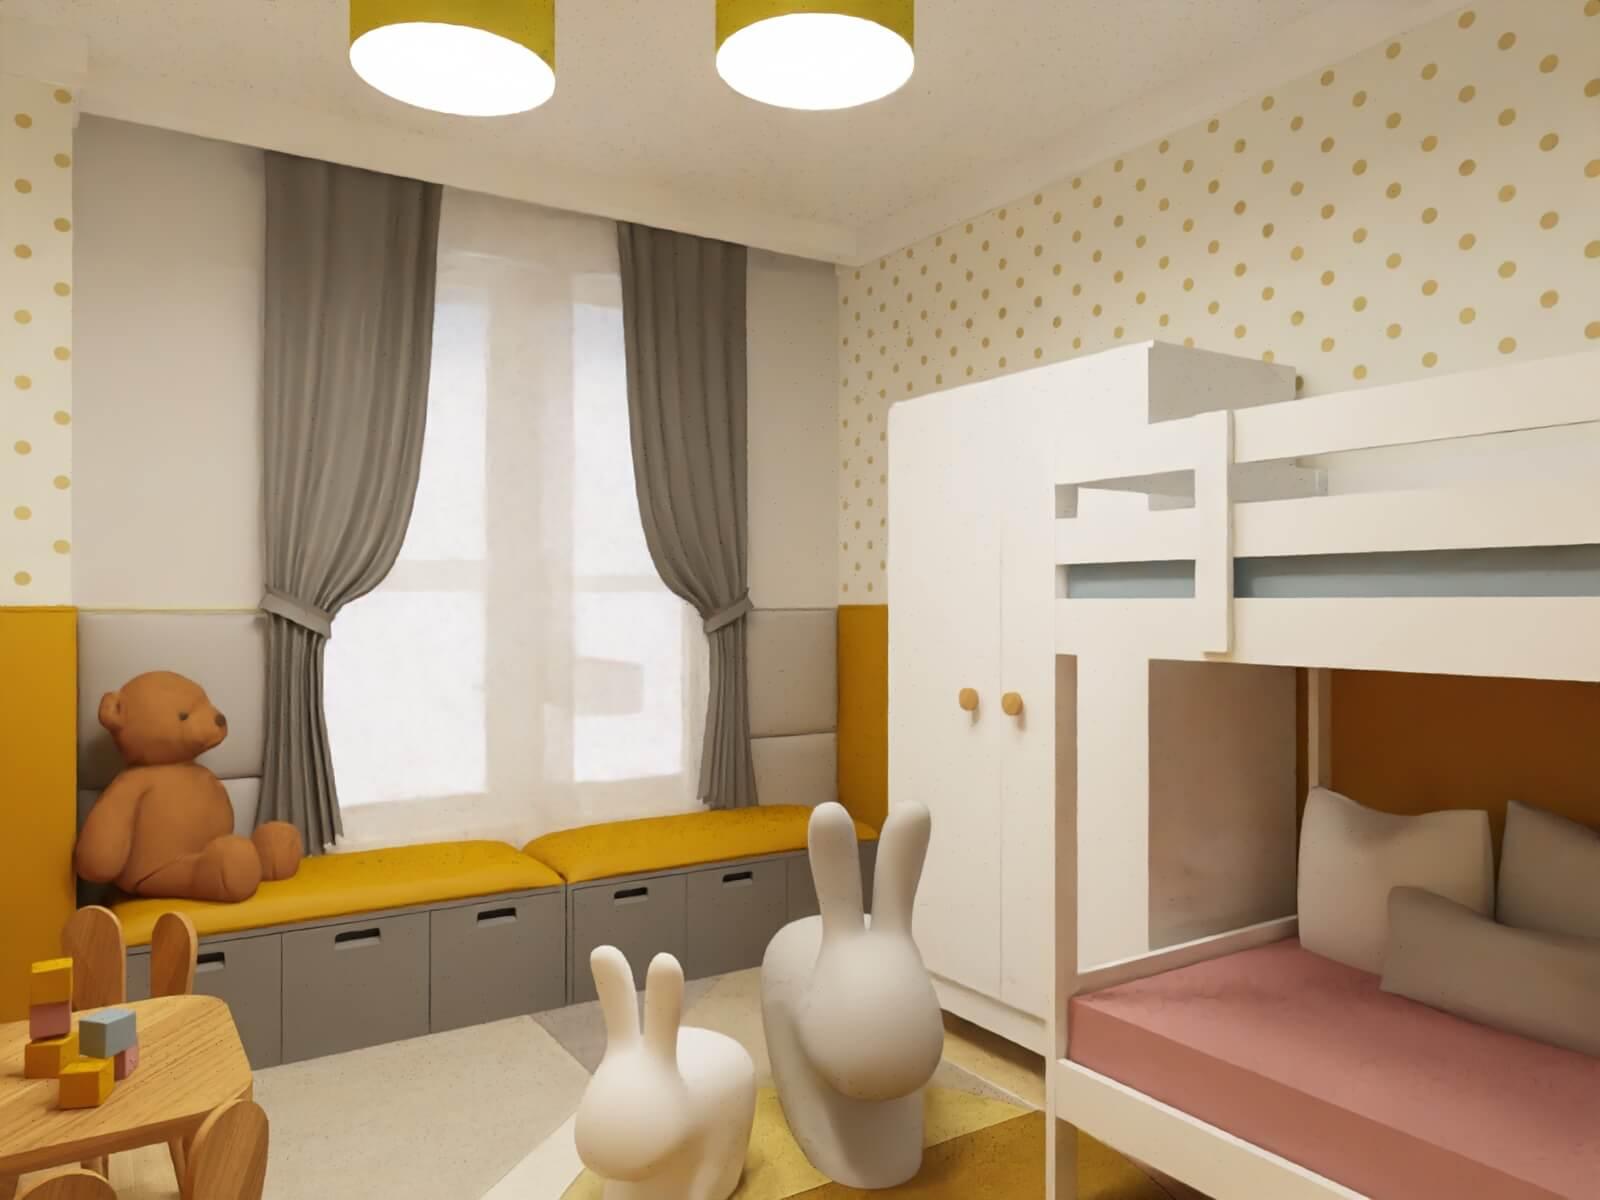 żółto szary pokój dziecięcy - tapicerowane siedzisko na zabawki